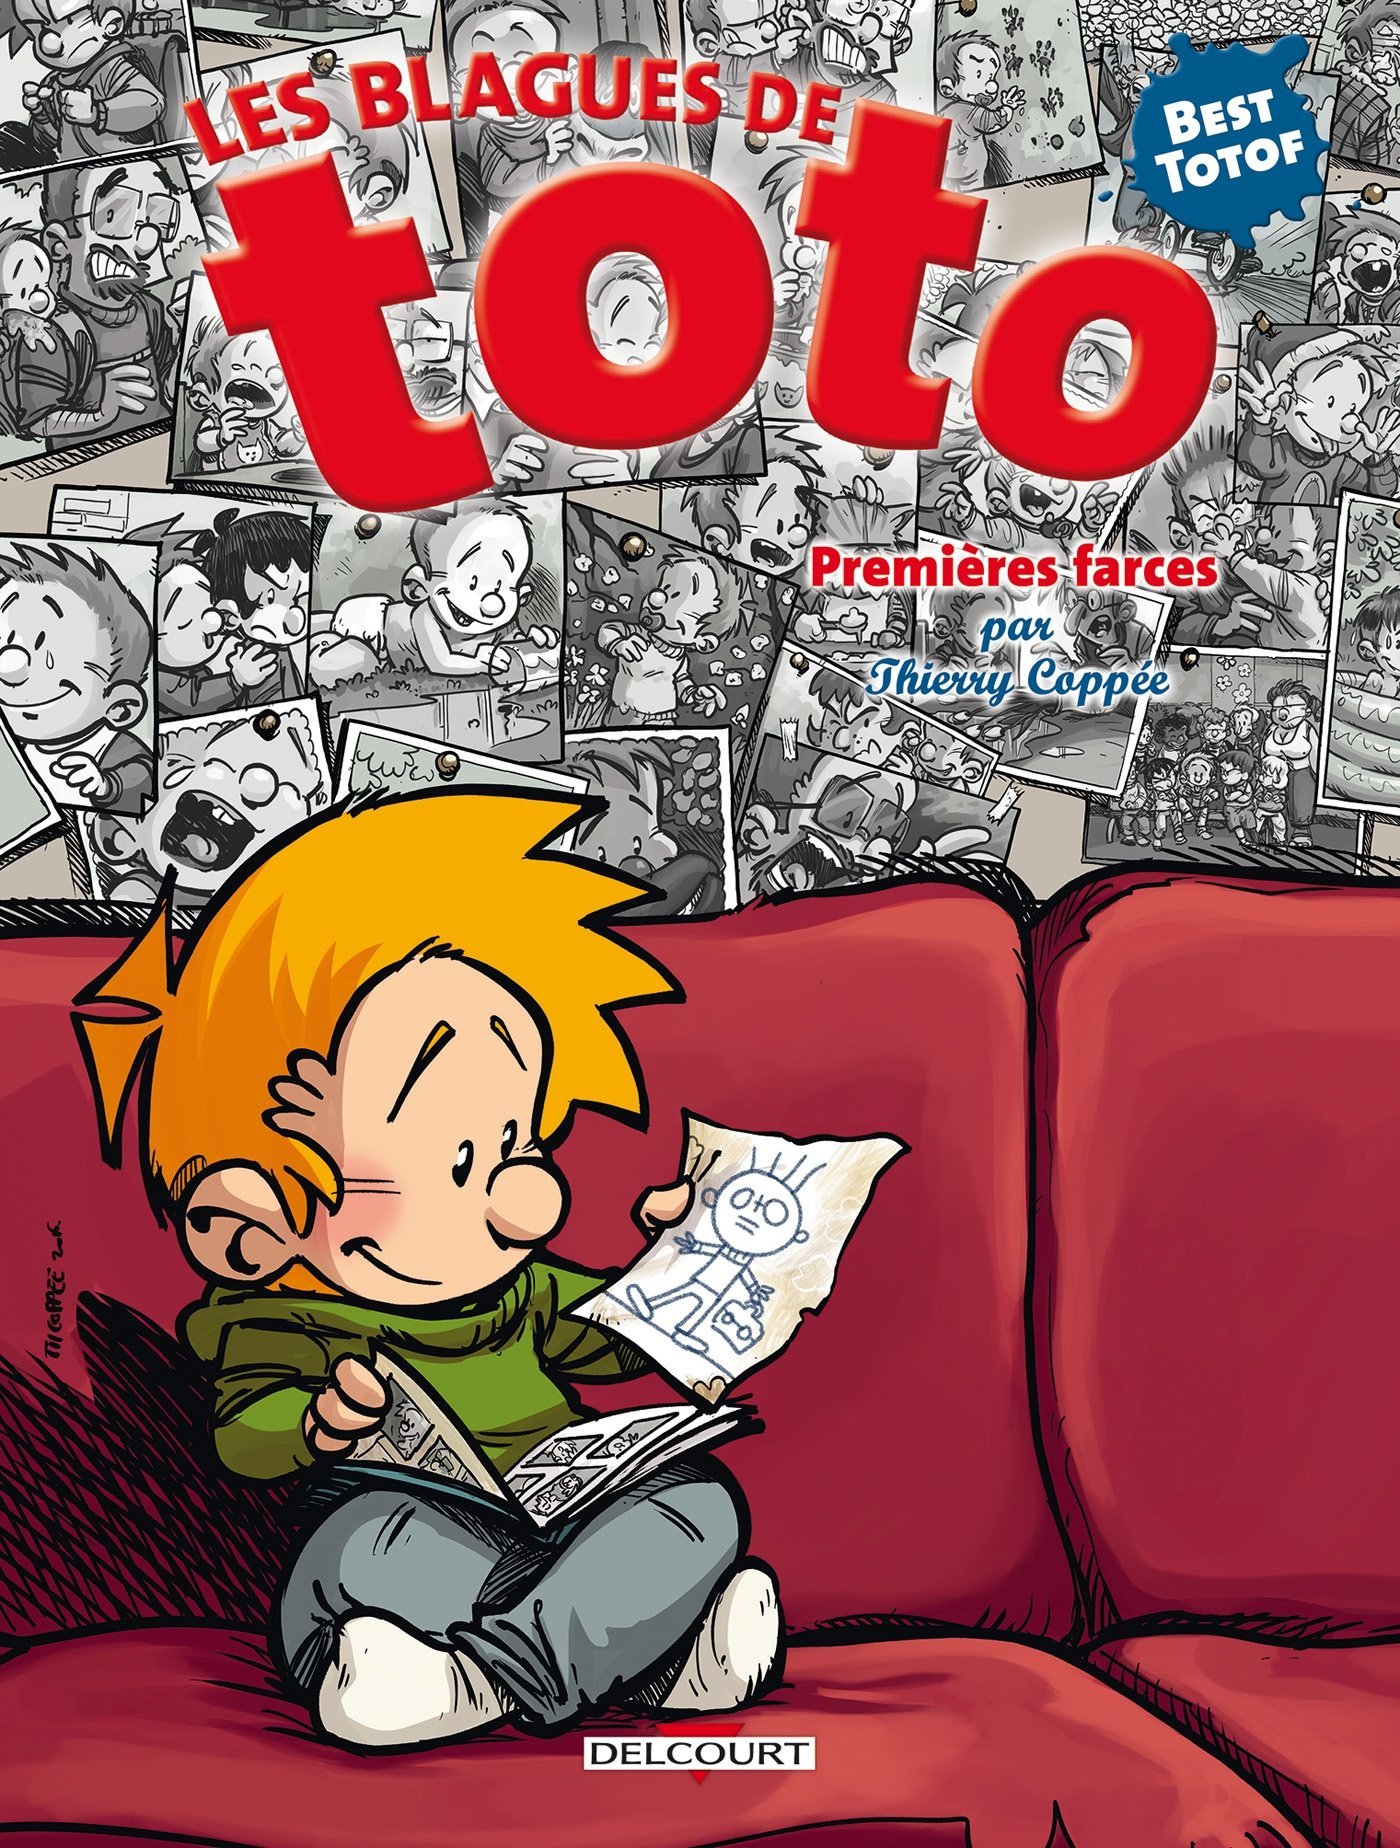 Blagues de Toto HS - Premières farces Album – 1 juin 2016 Lorien Delcourt 2756081817 Bandes dessinées tout public